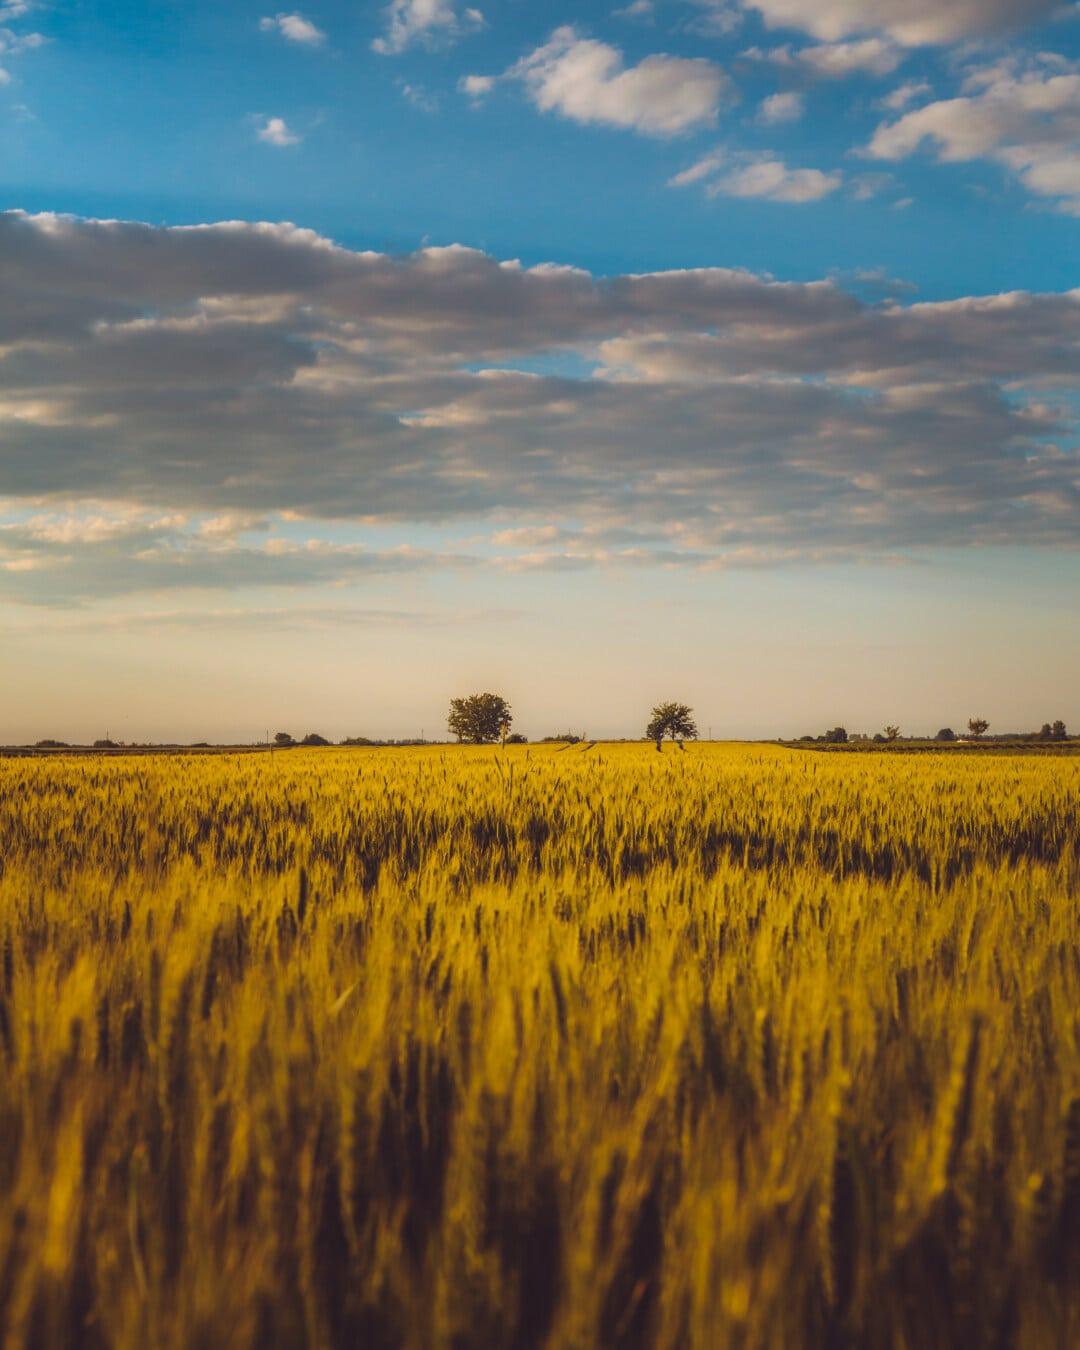 ensoleillée, champ de blé, l'été, idyllique, brillant, Agriculture, coucher de soleil, domaine, aube, paysage